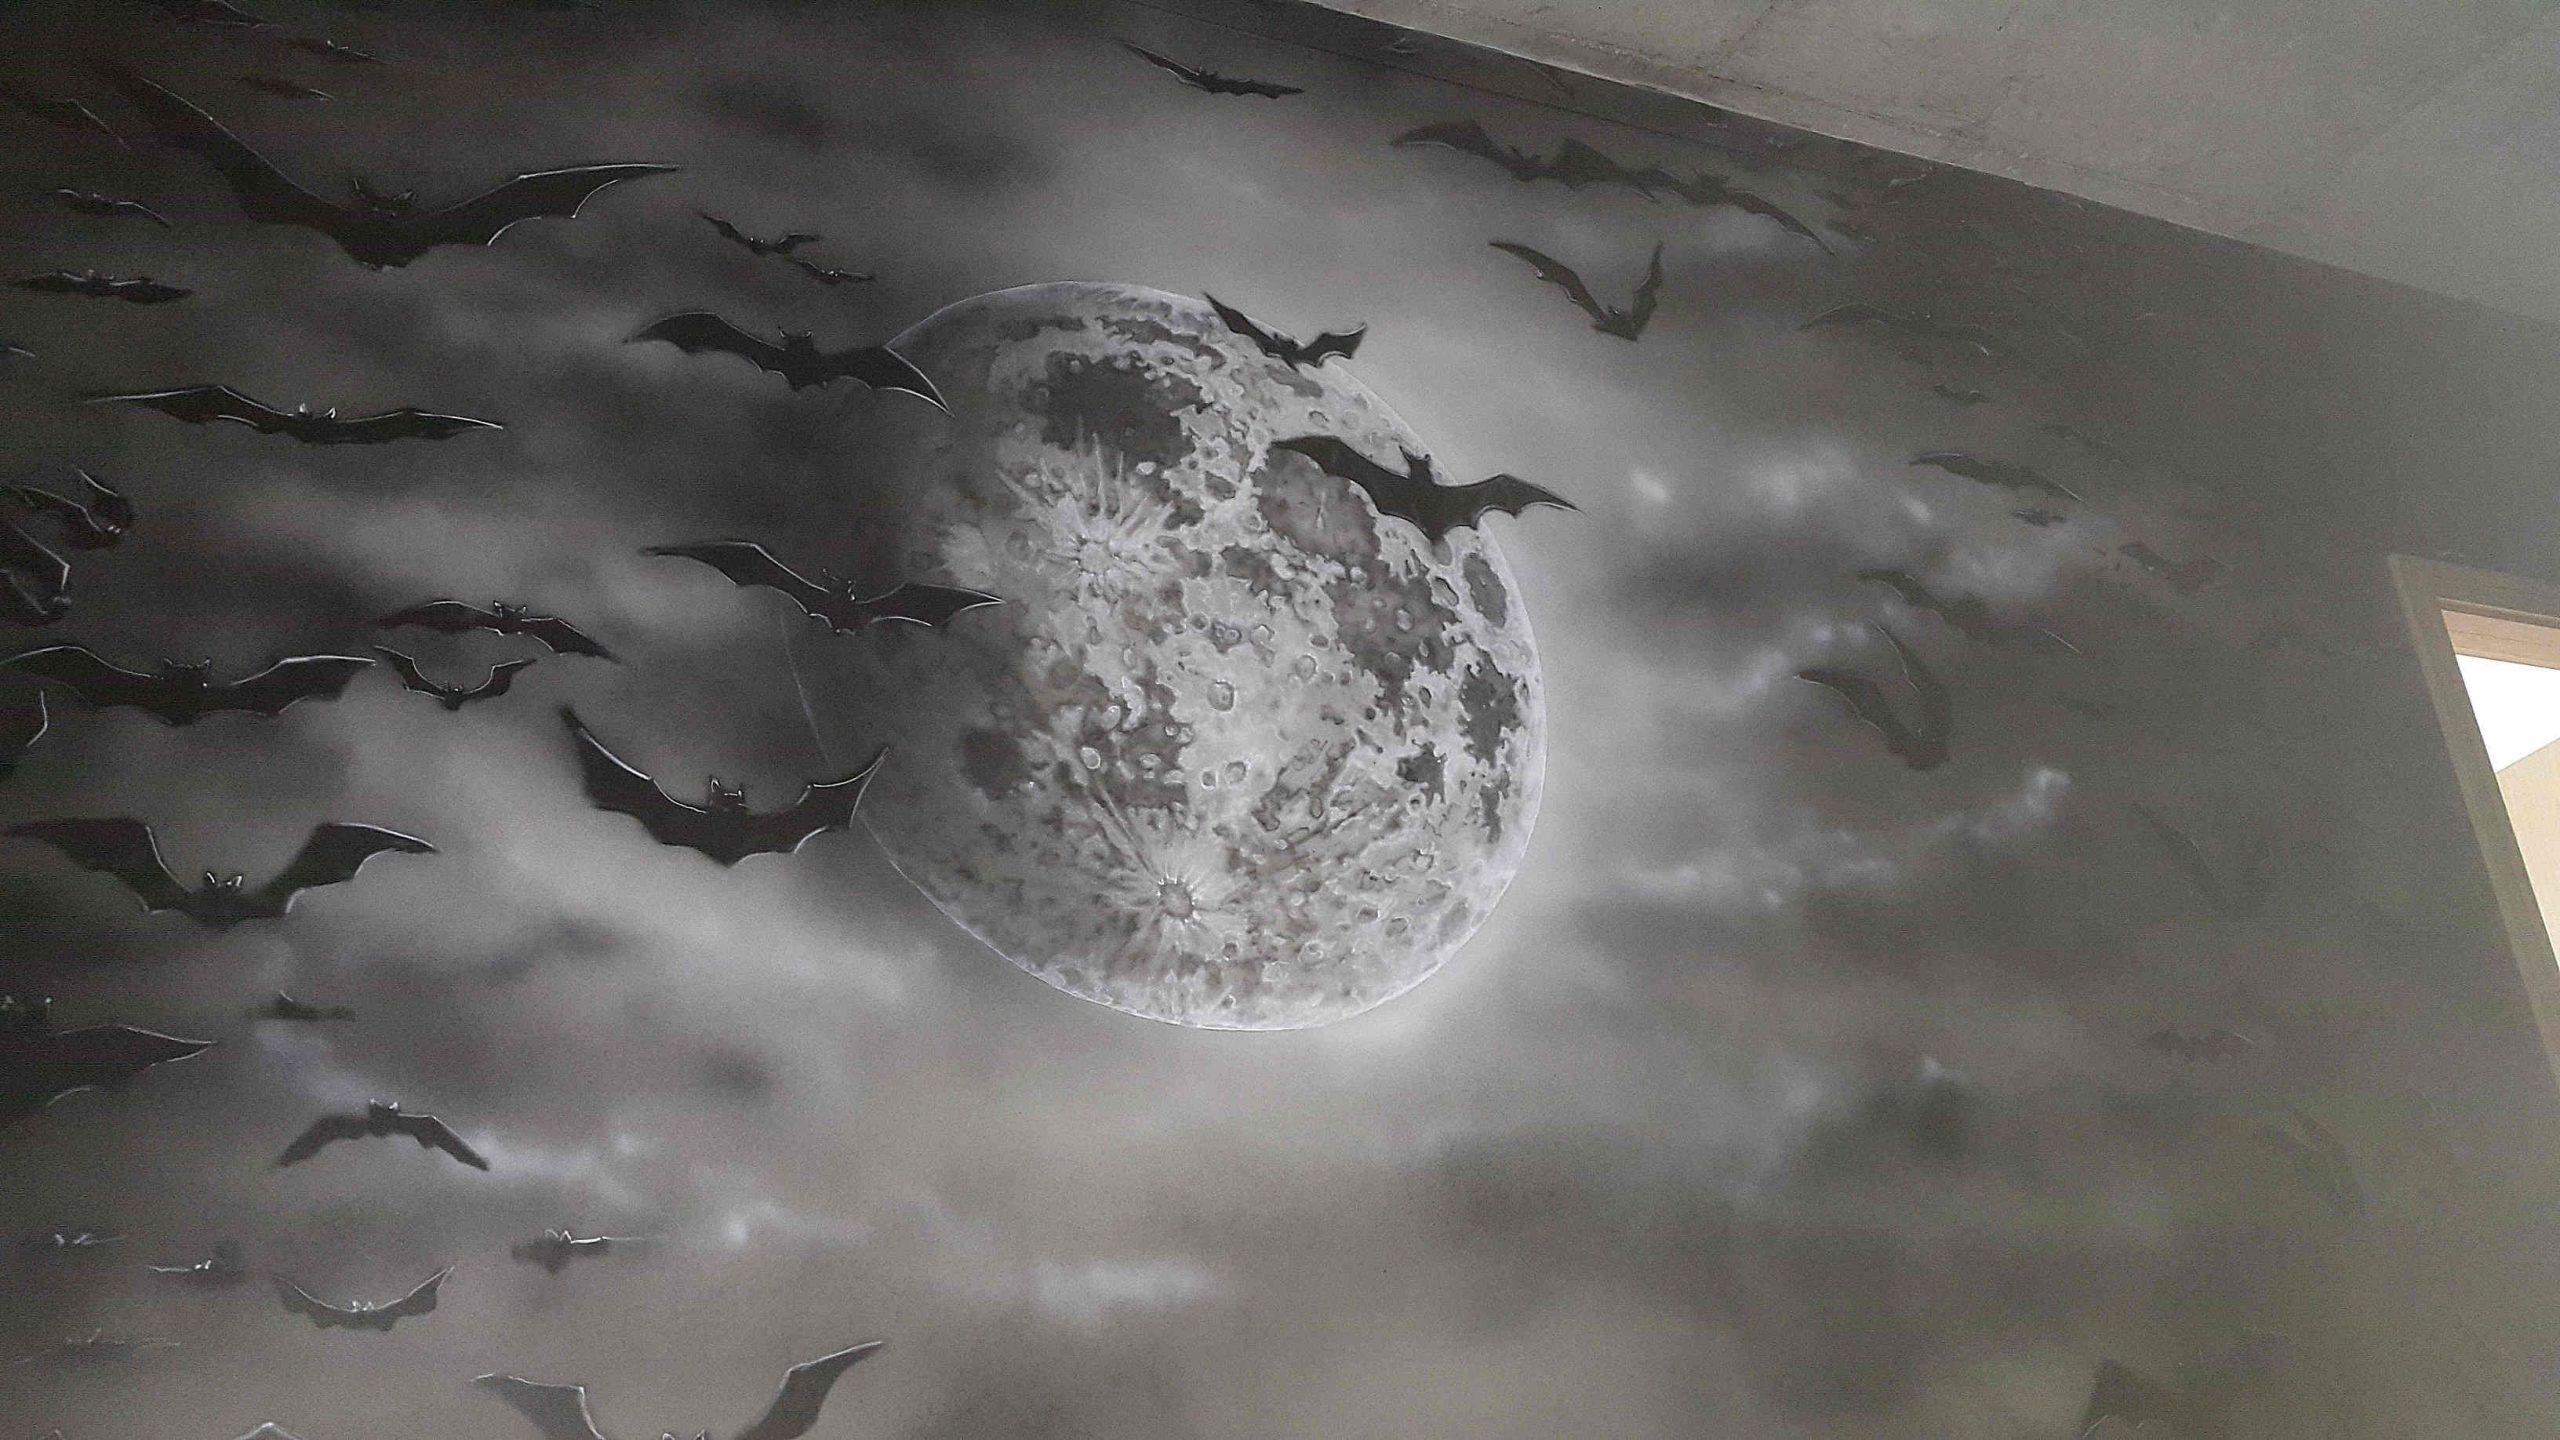 Czarno biały mural wykonany na klatce schodowej w mrocznym wydaniu